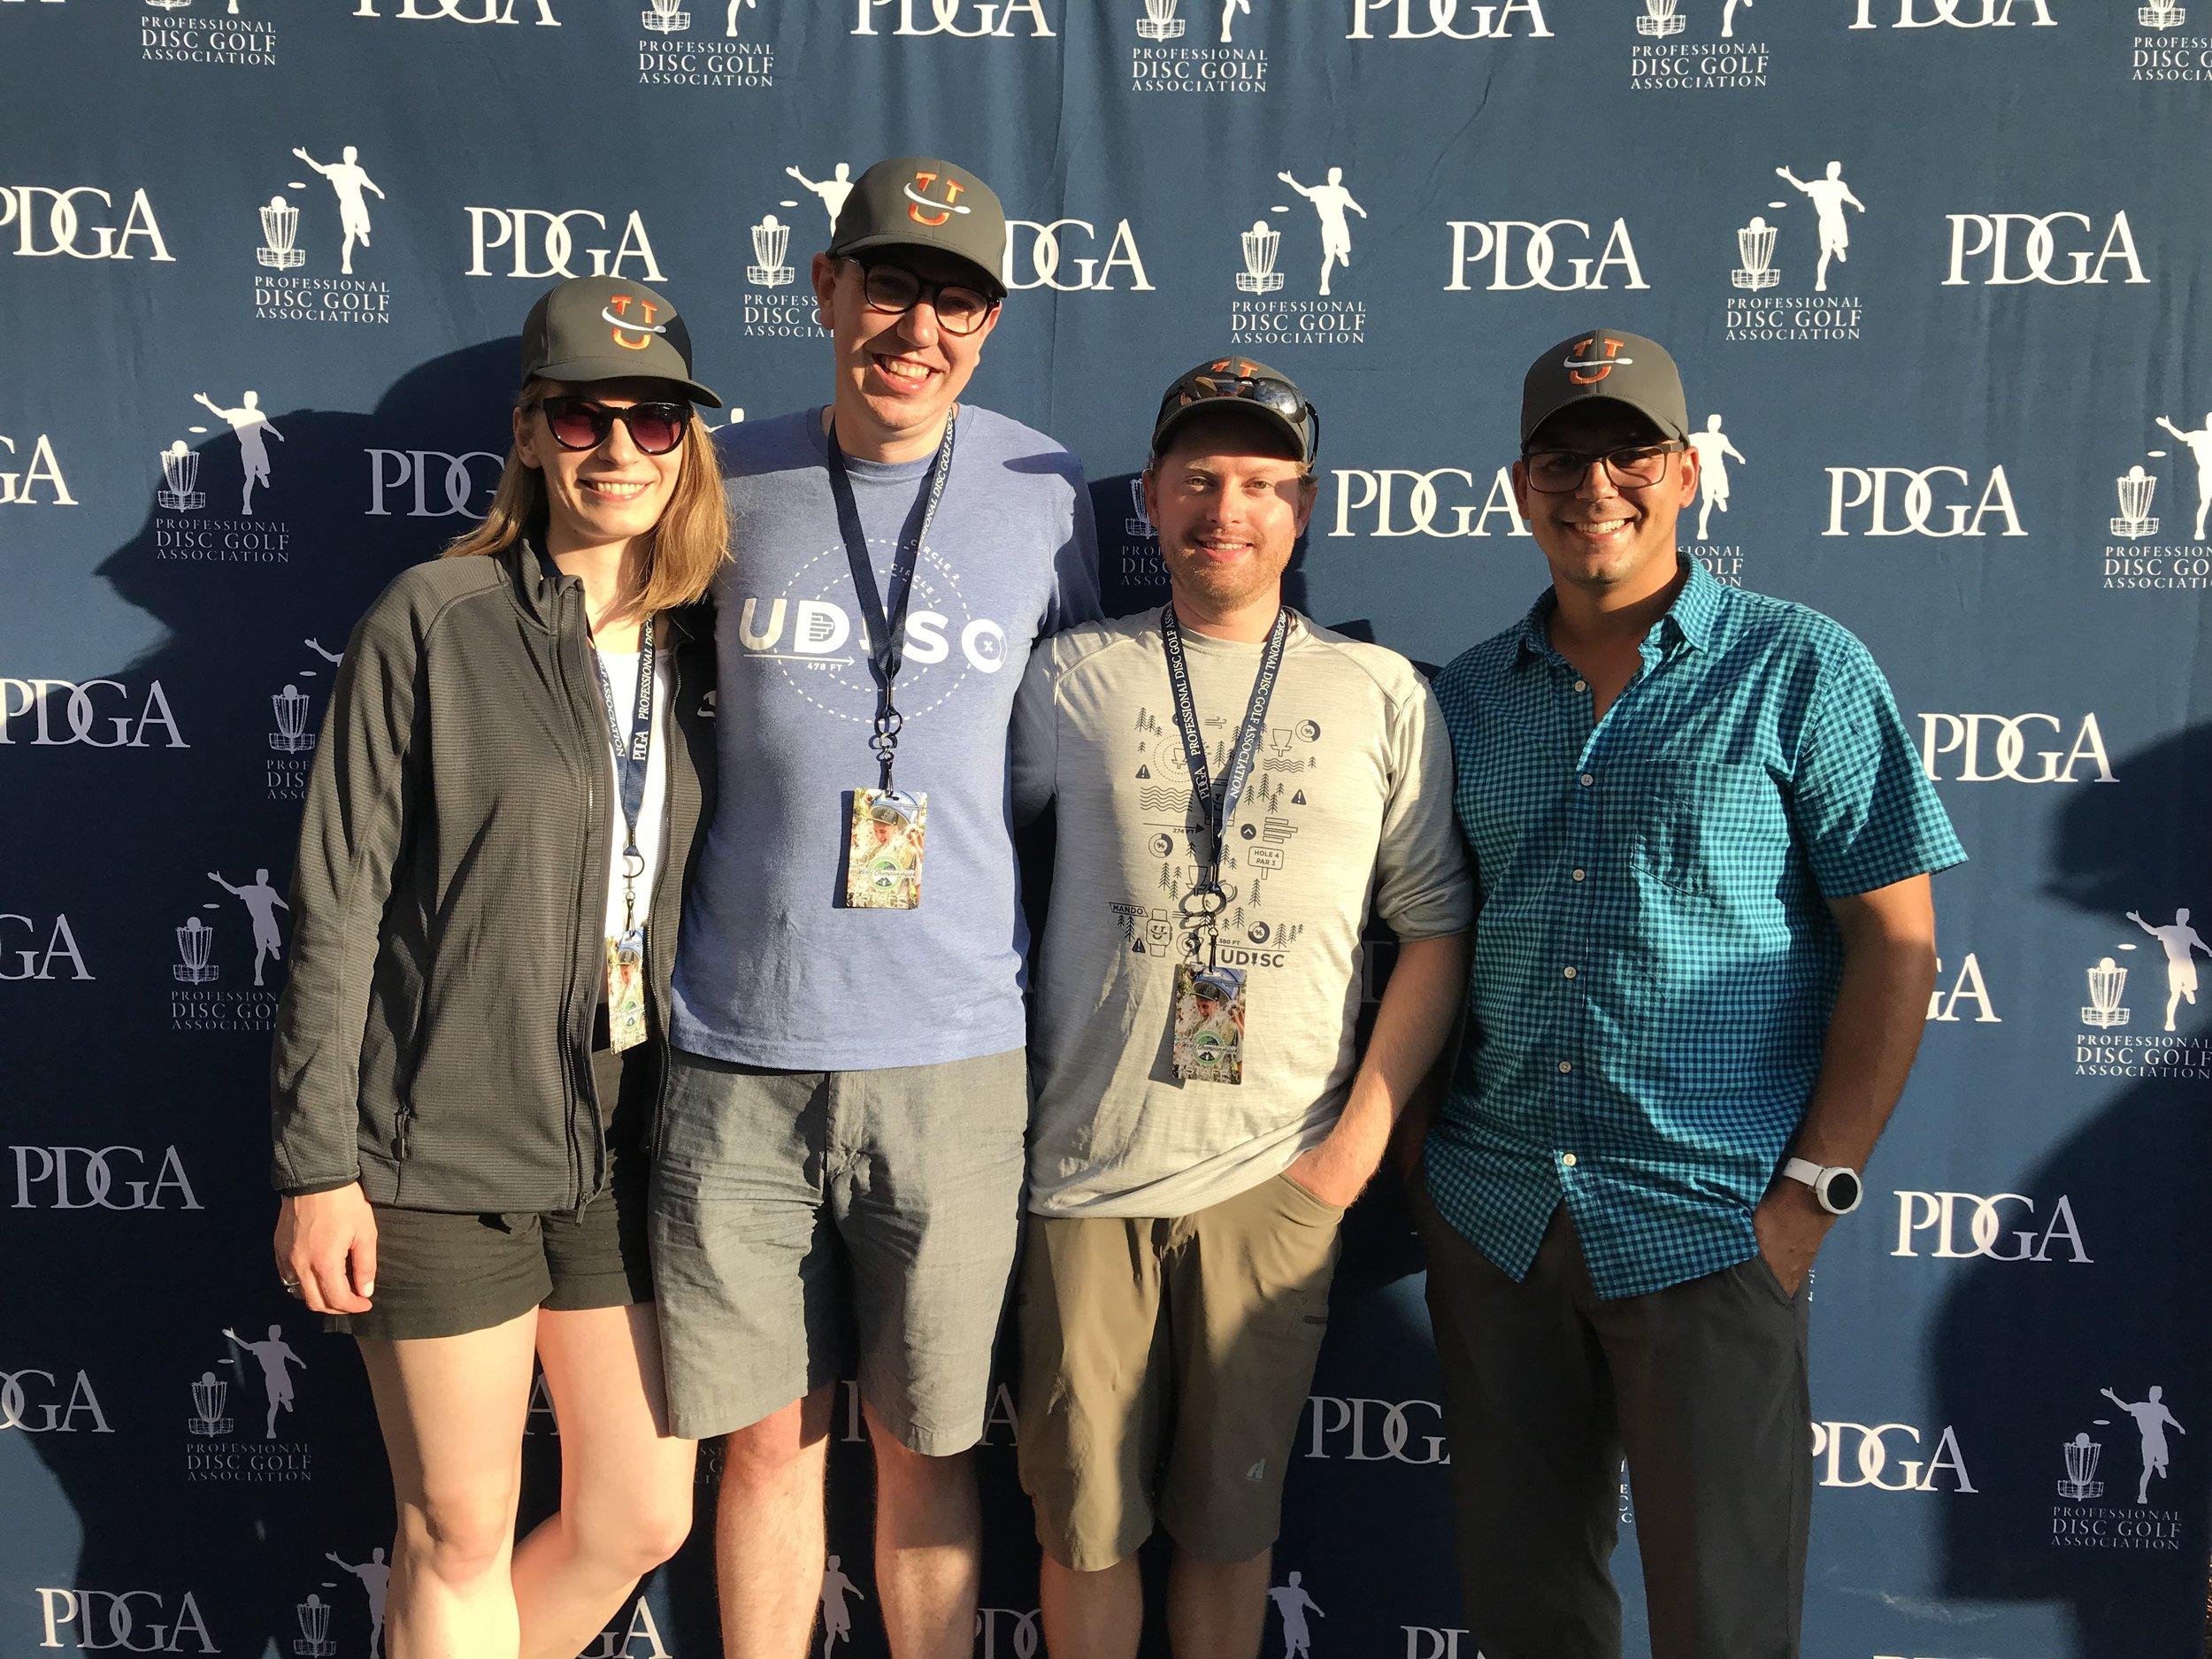 UDisc crew: Monica, Josh. Matt, and Dan at Worlds